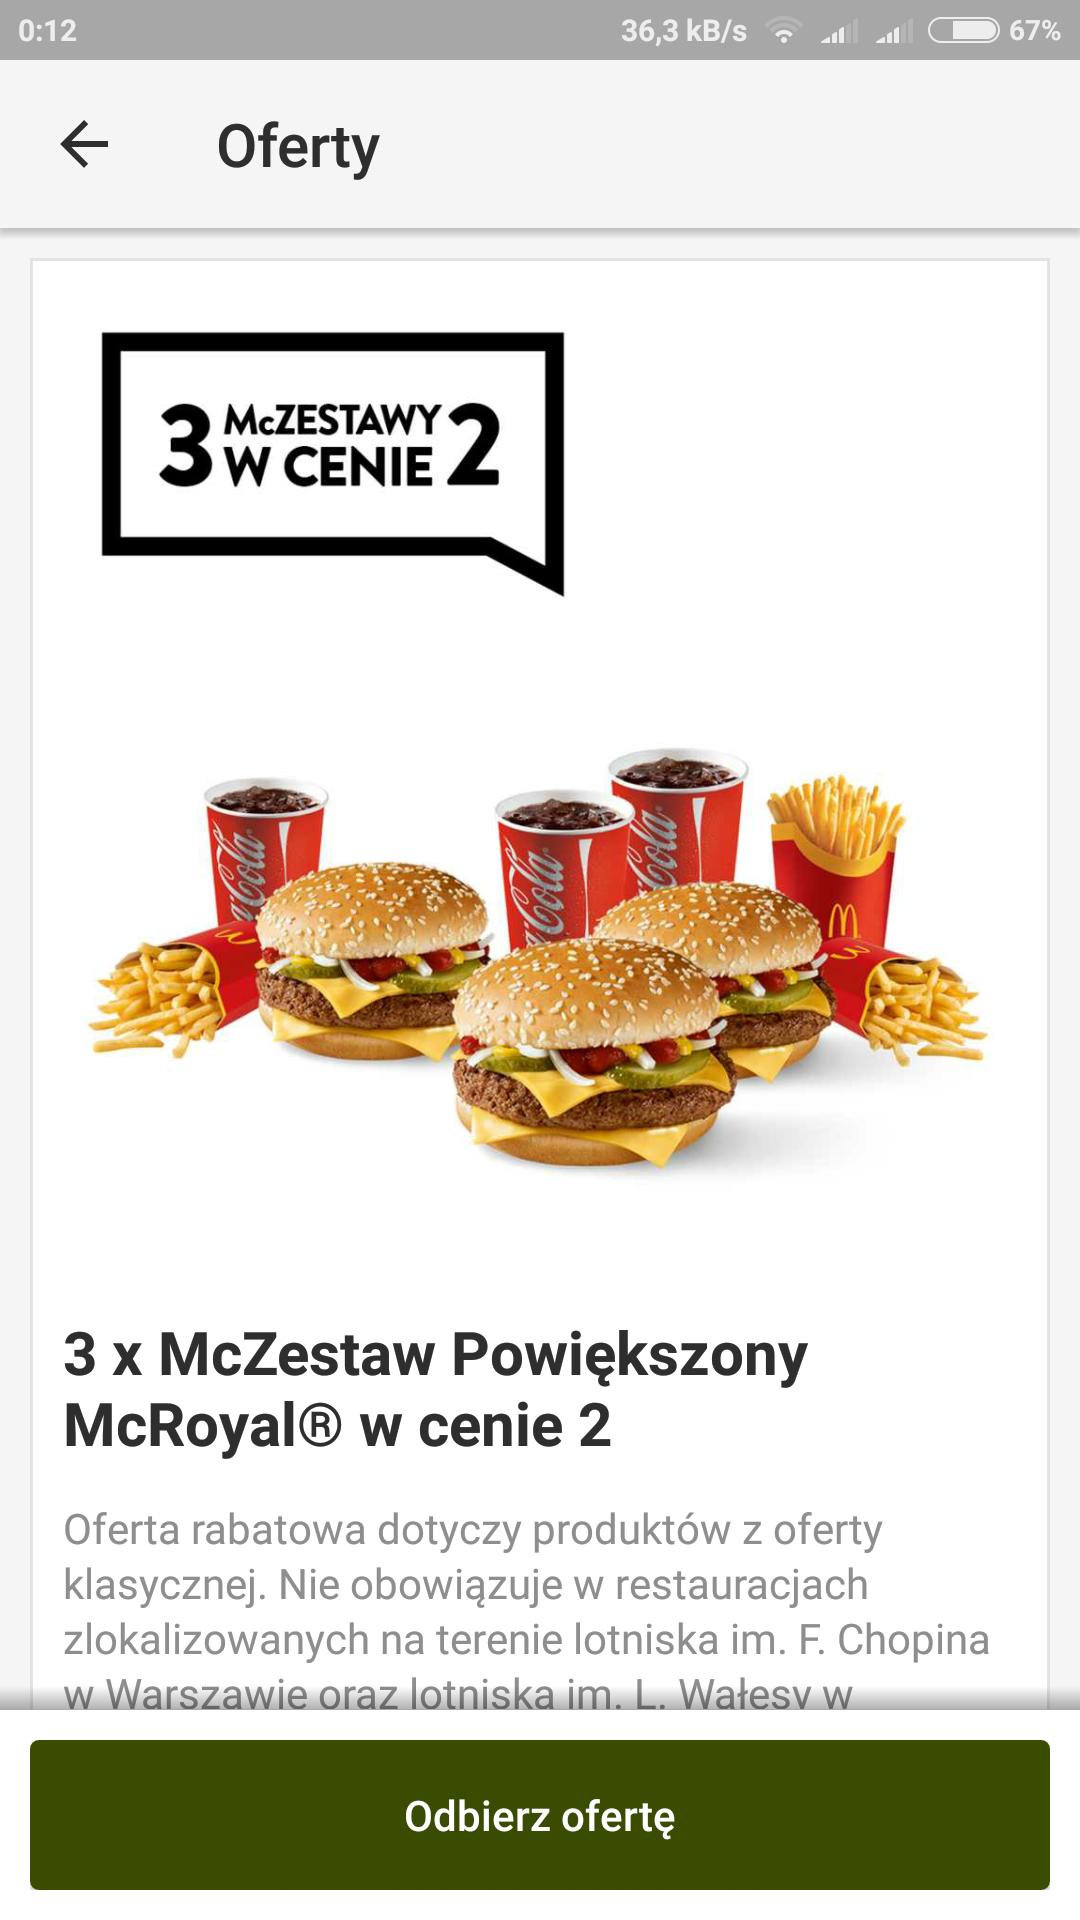 McDonald's 3x mc zestaw powiekszony mc royal w cenie 2